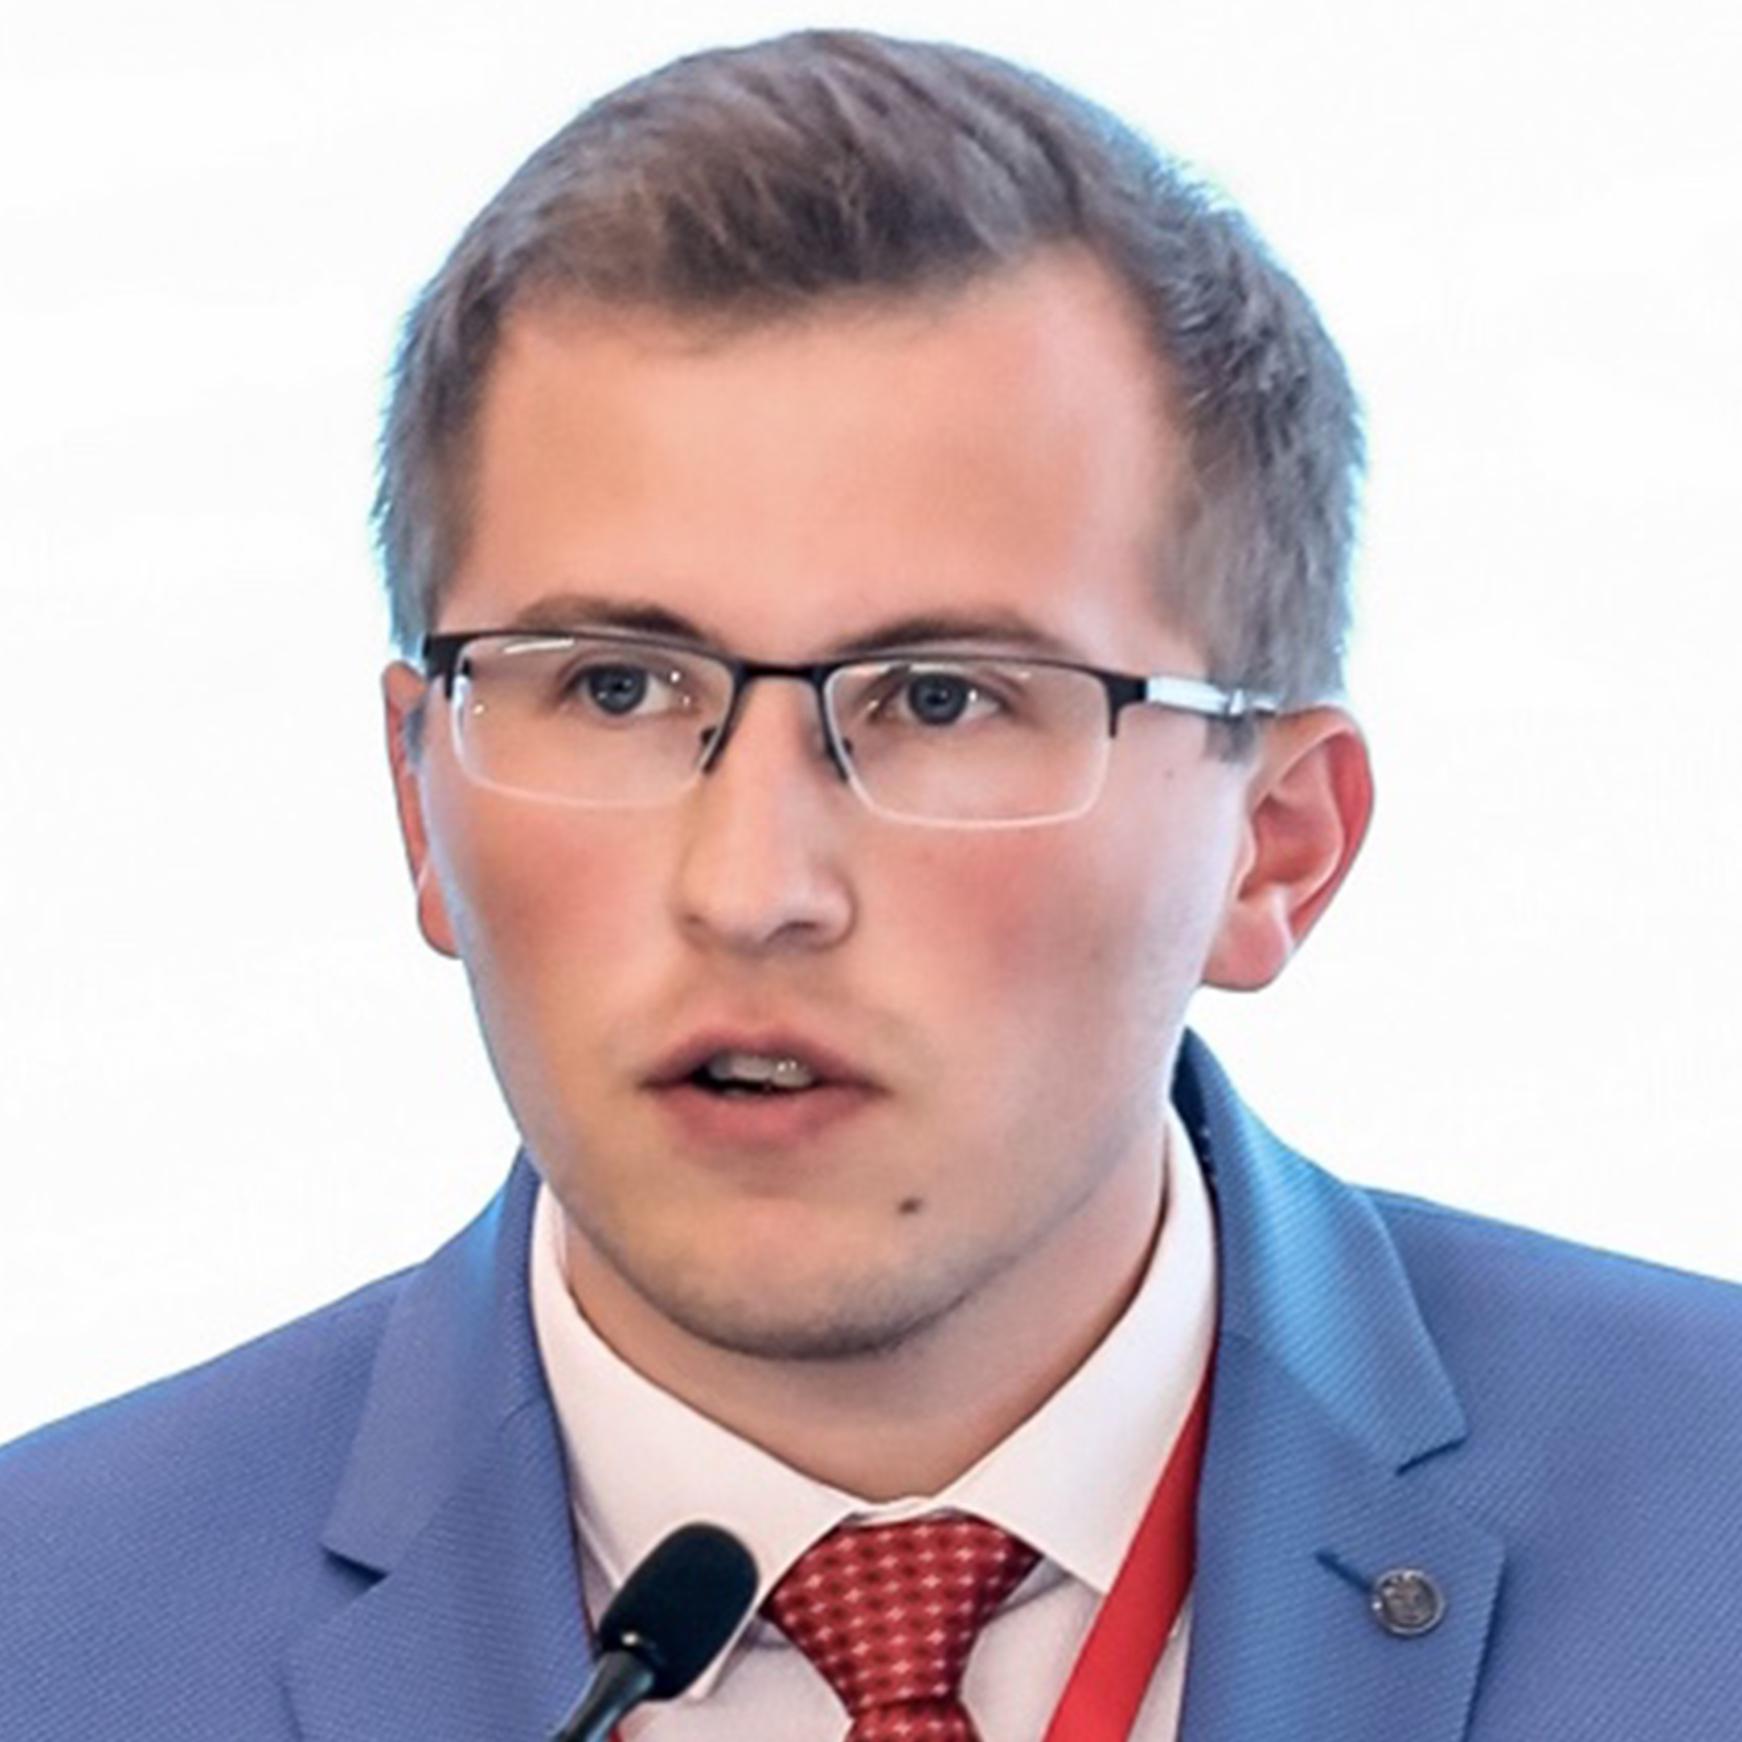 Гайфутдинов Эльдар